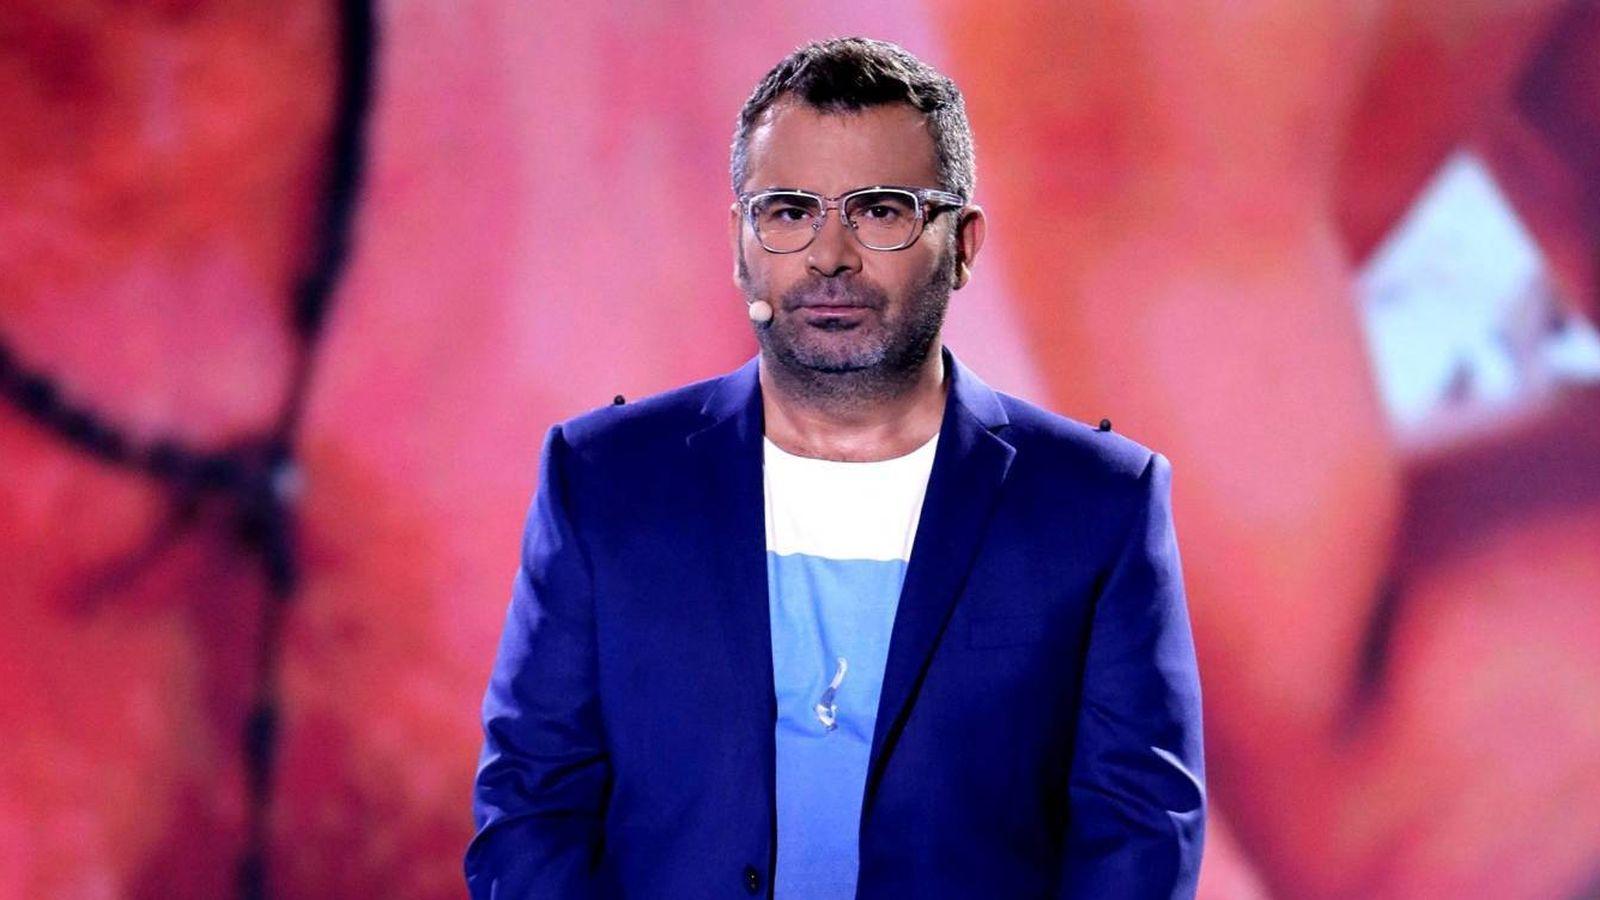 Foto: El presentador Jorge Javier Vázquez en una imagen de archivo.